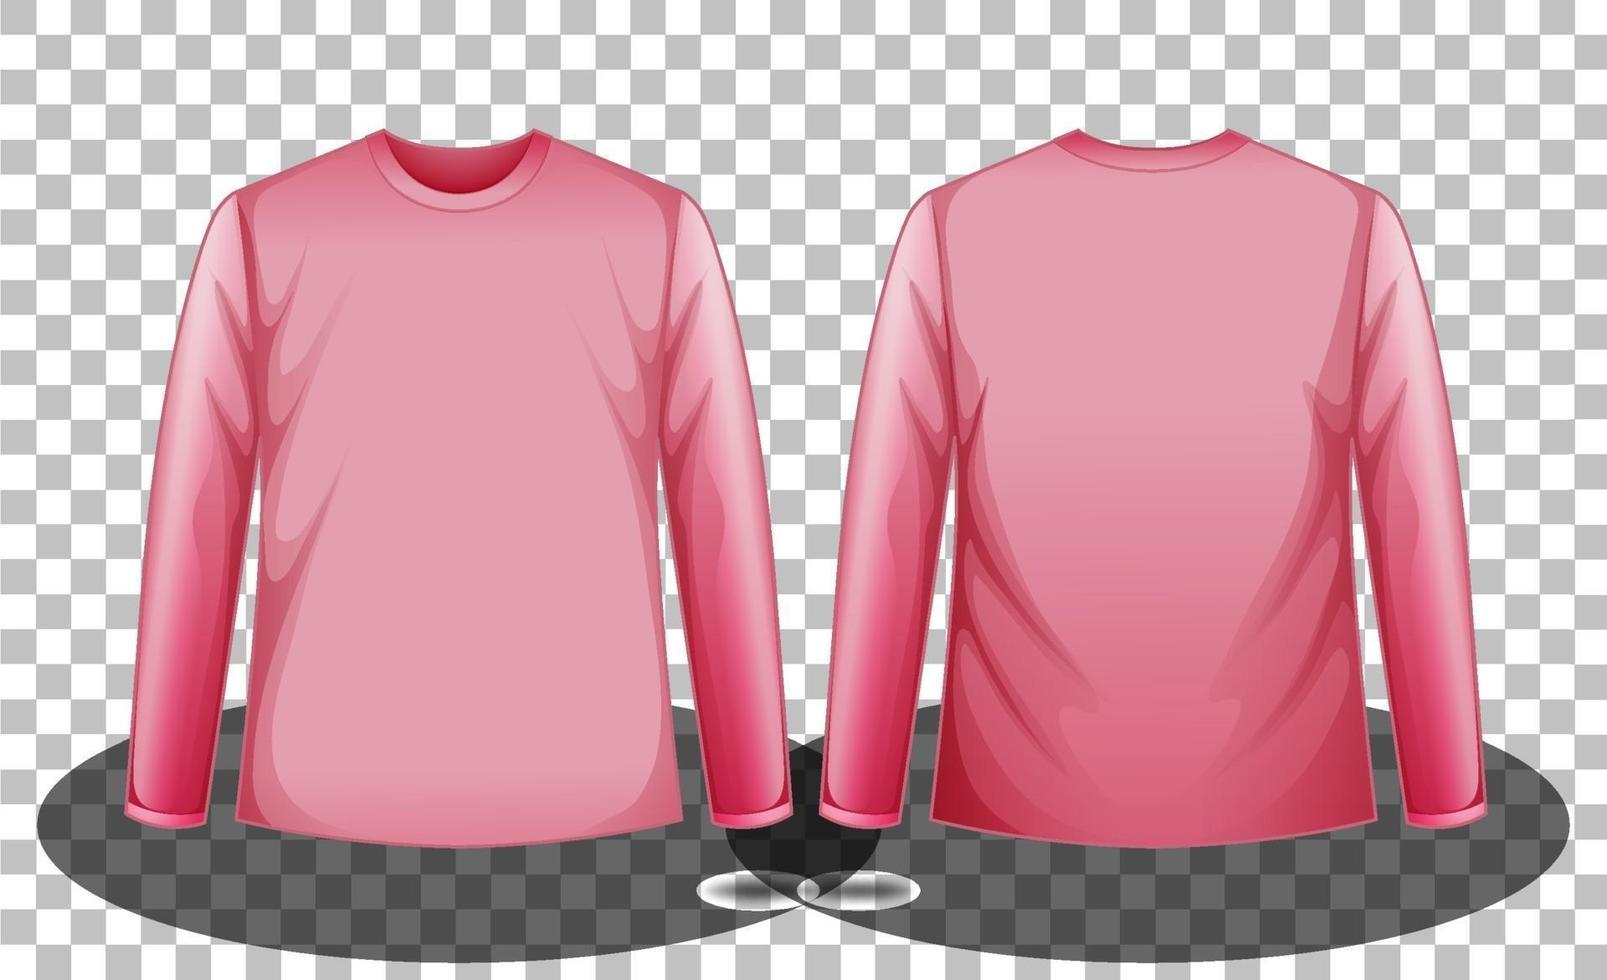 frente e costas de camiseta rosa de mangas compridas com fundo transparente vetor